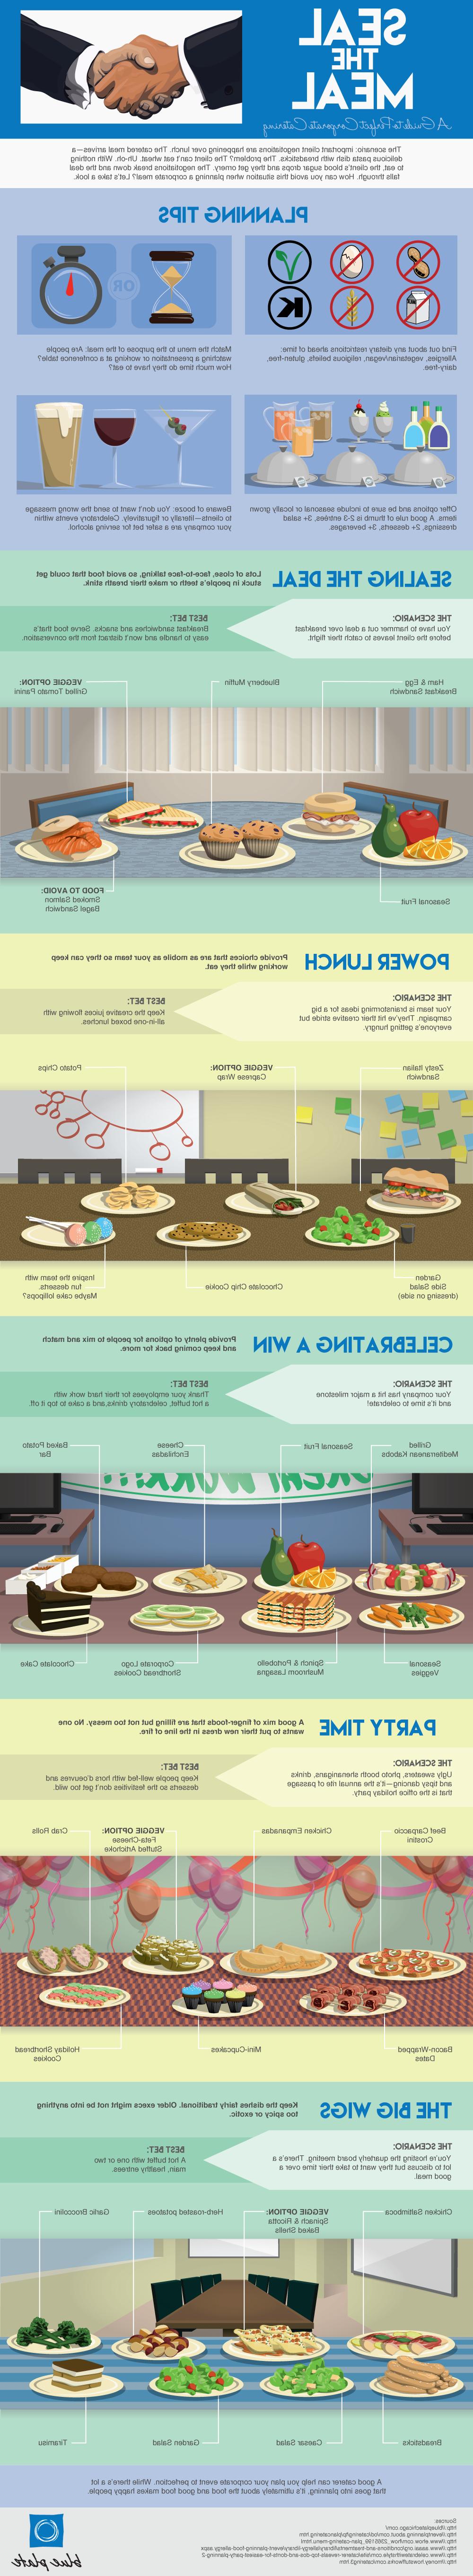 企业餐饮指南信息图